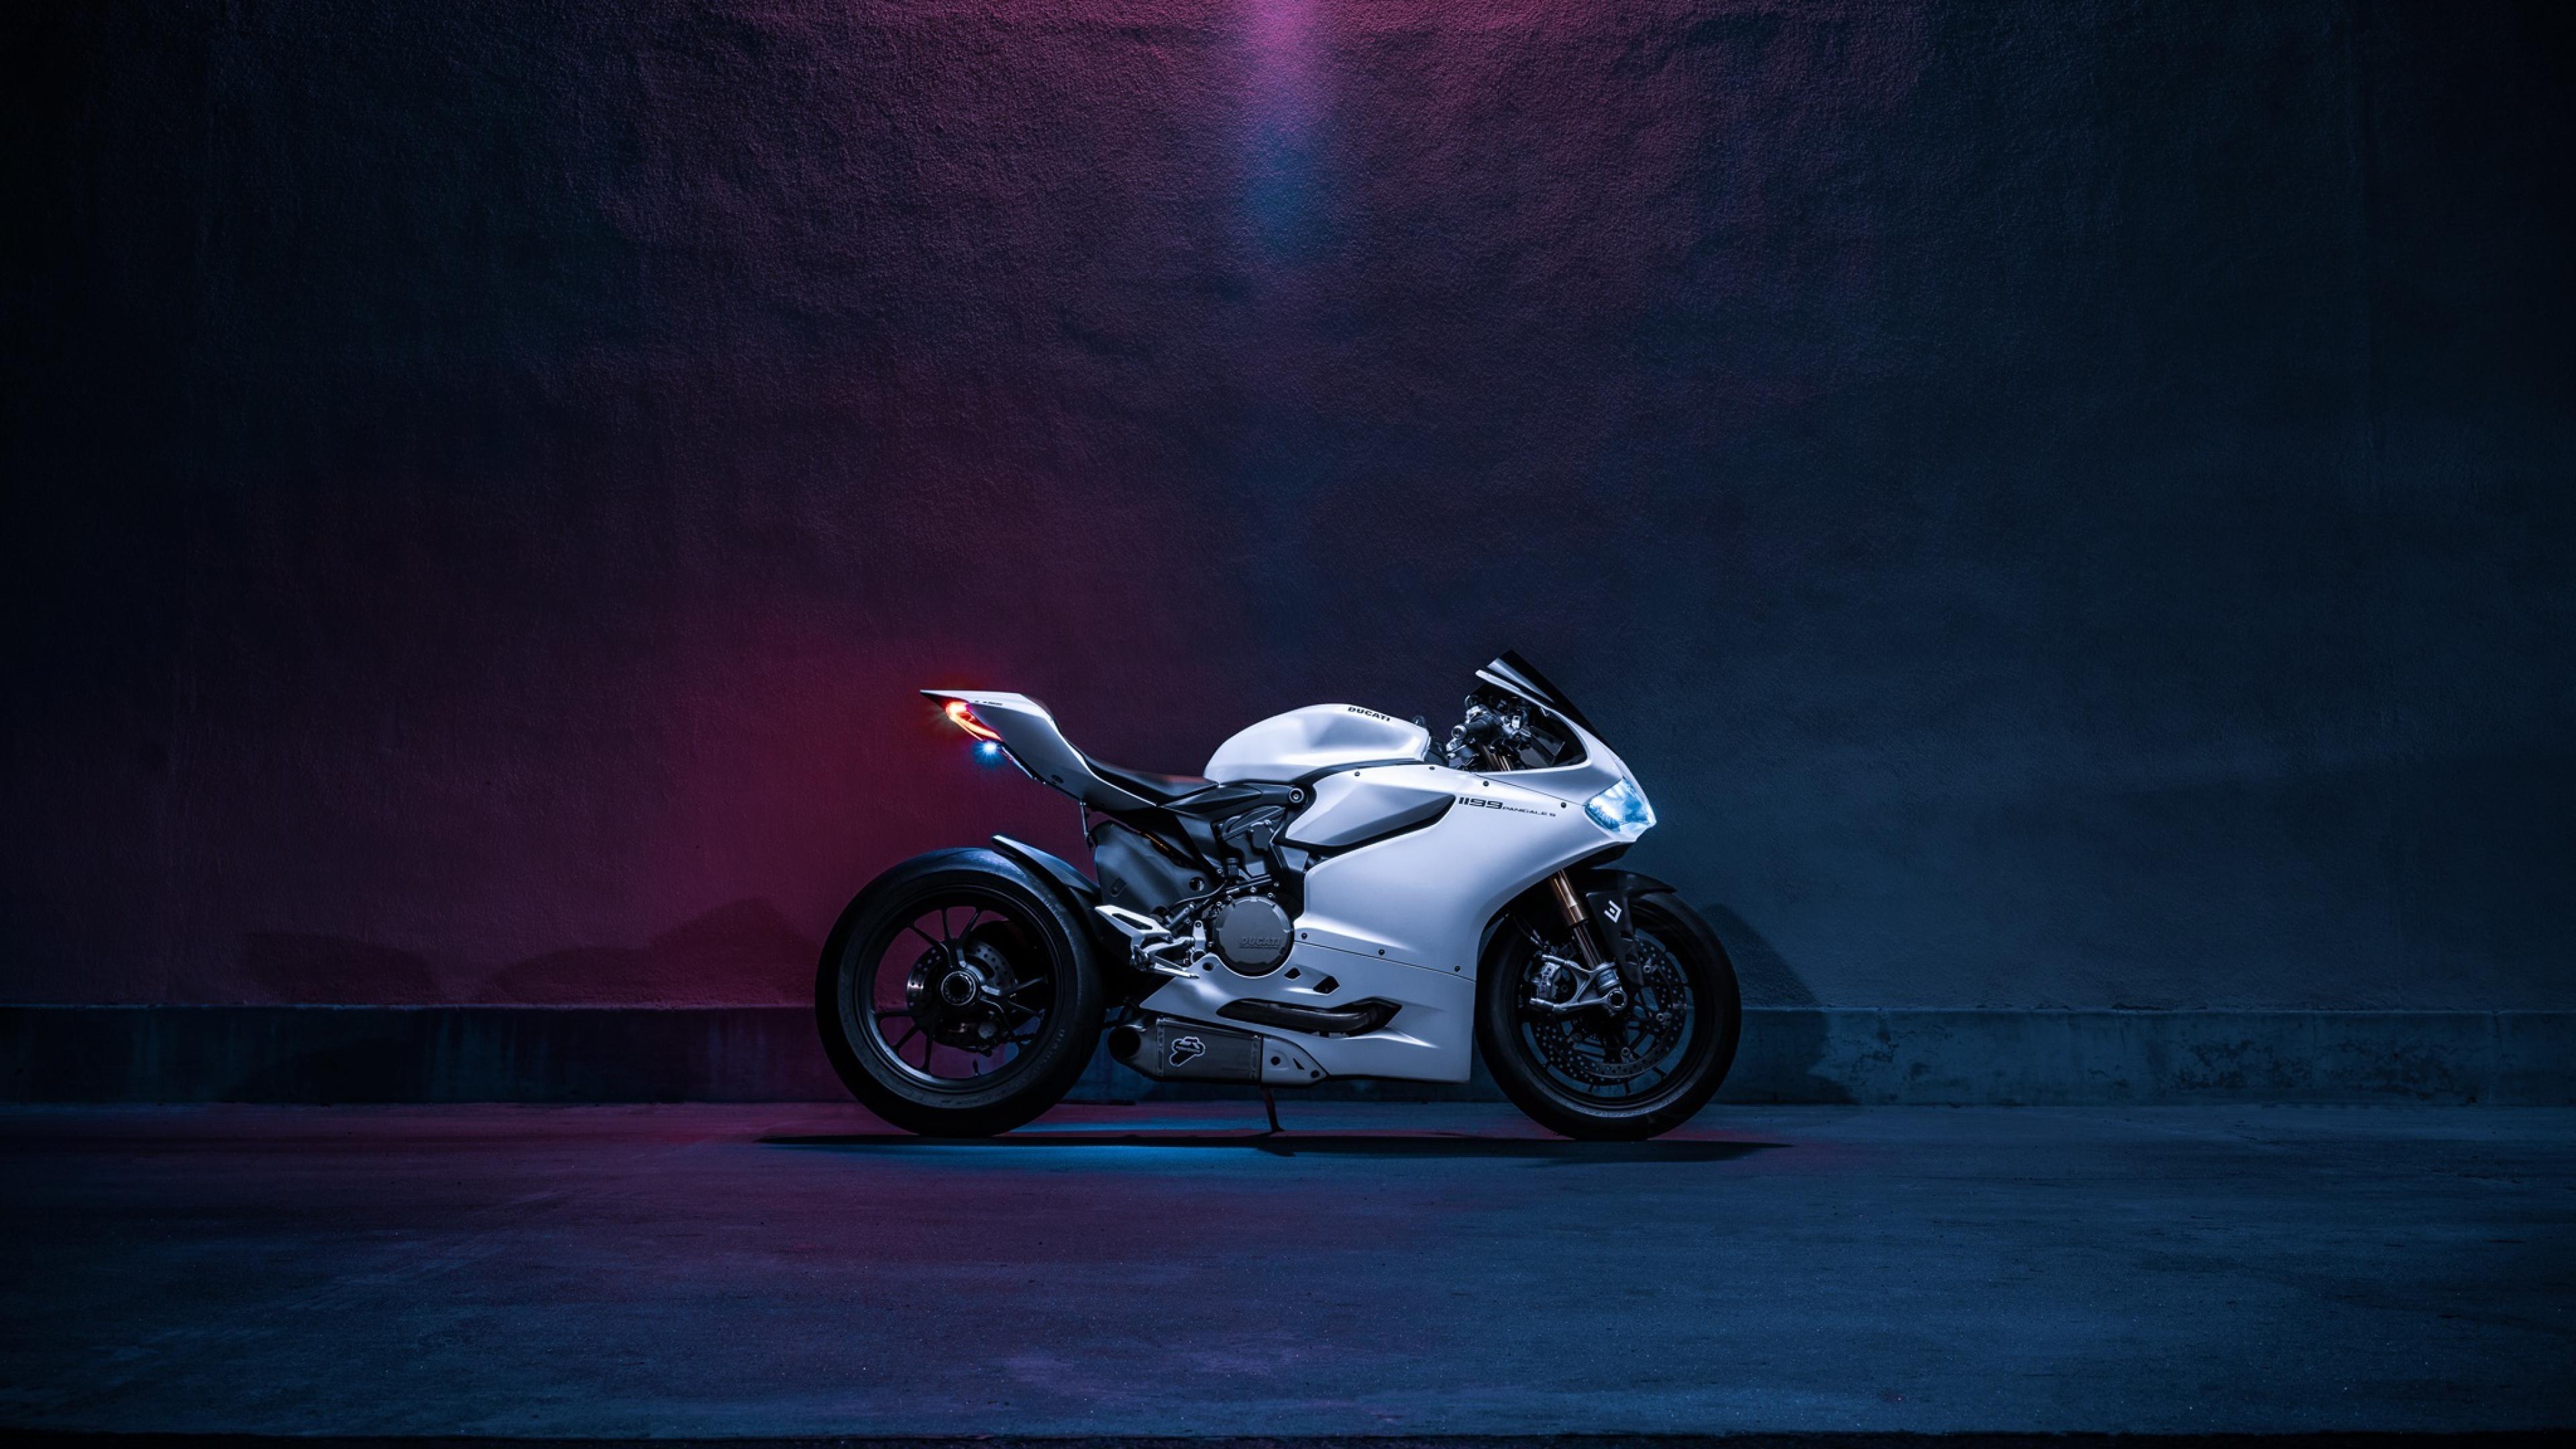 Hình nền 4K siêu moto